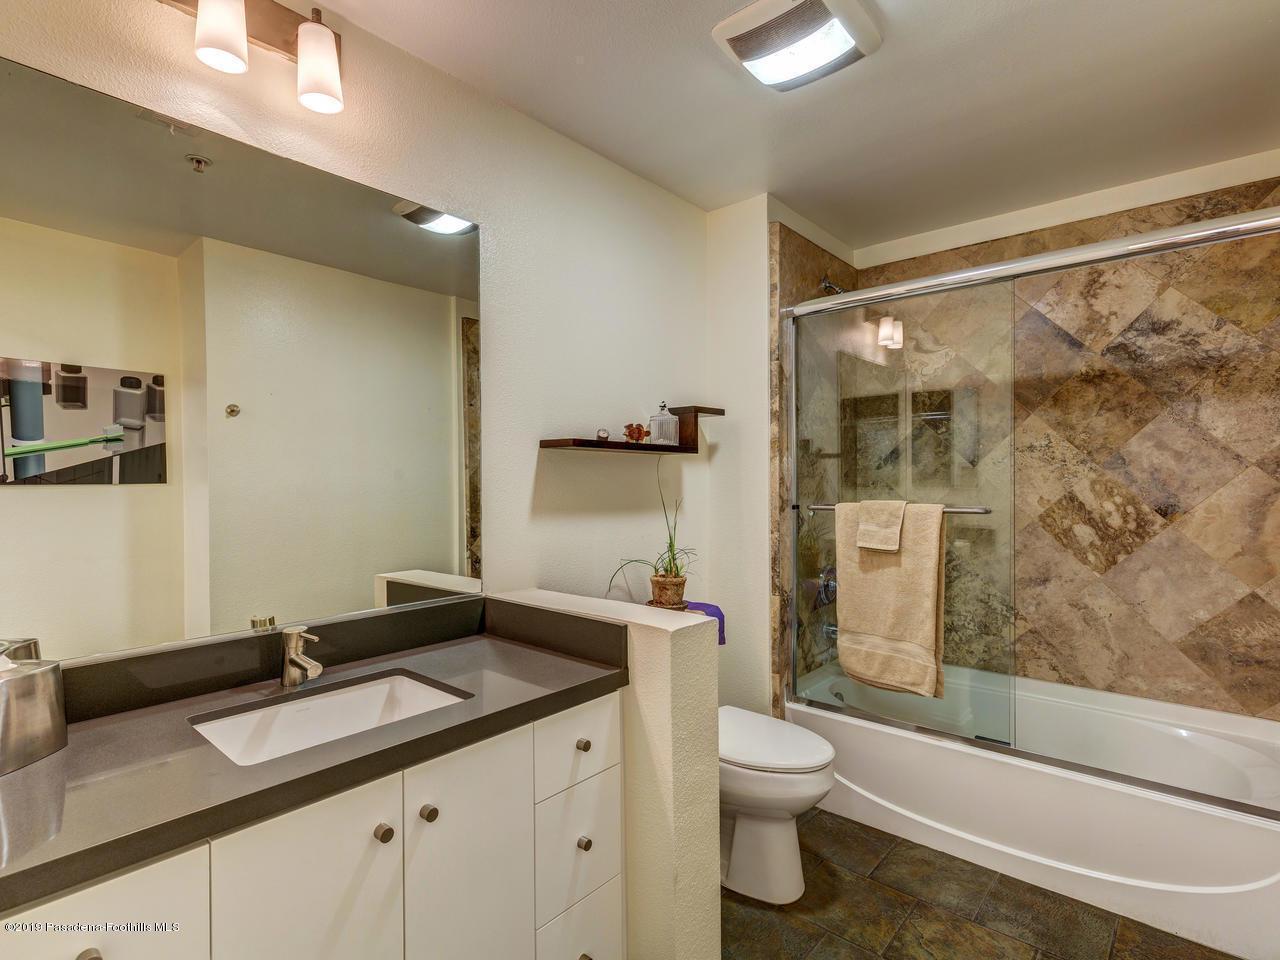 111 DE LACEY, Pasadena, CA 91105 - Second Bath